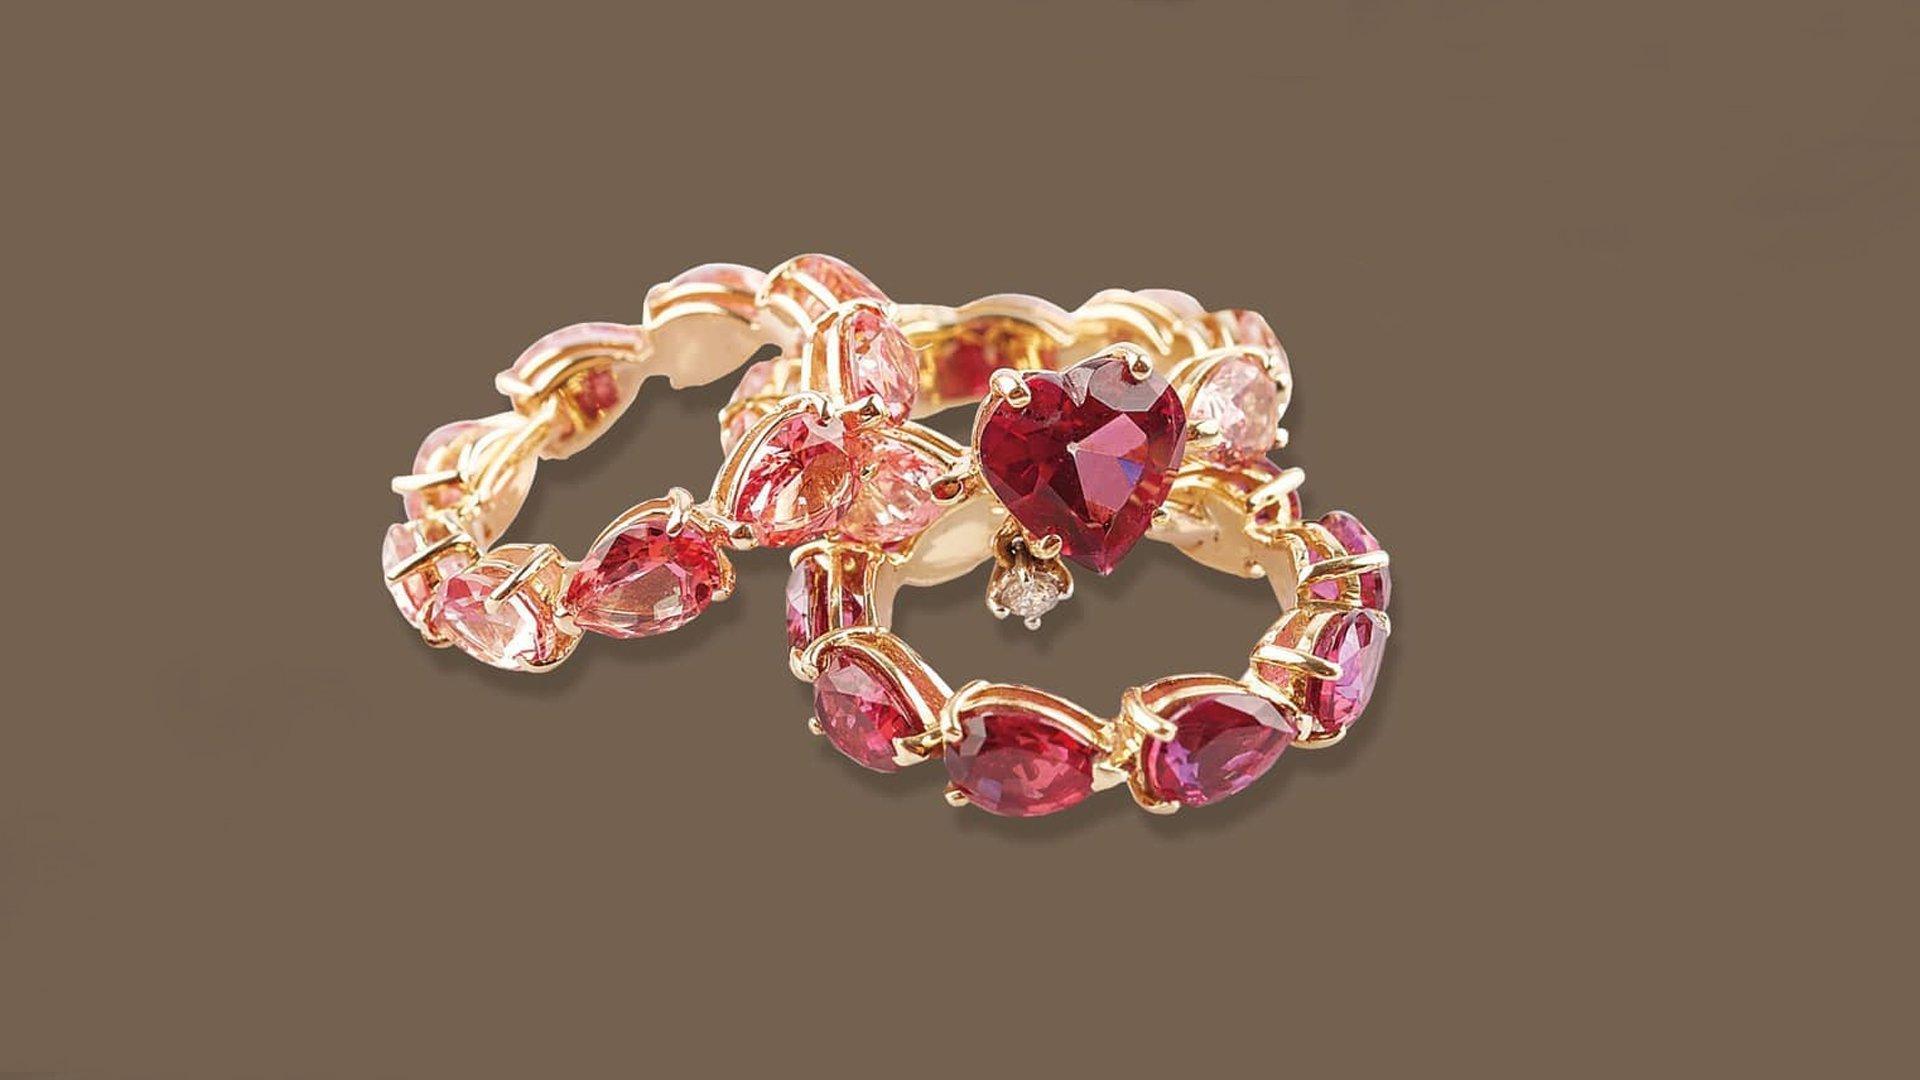 malafimmina, gioielli siciliani, san Valentino, regali,